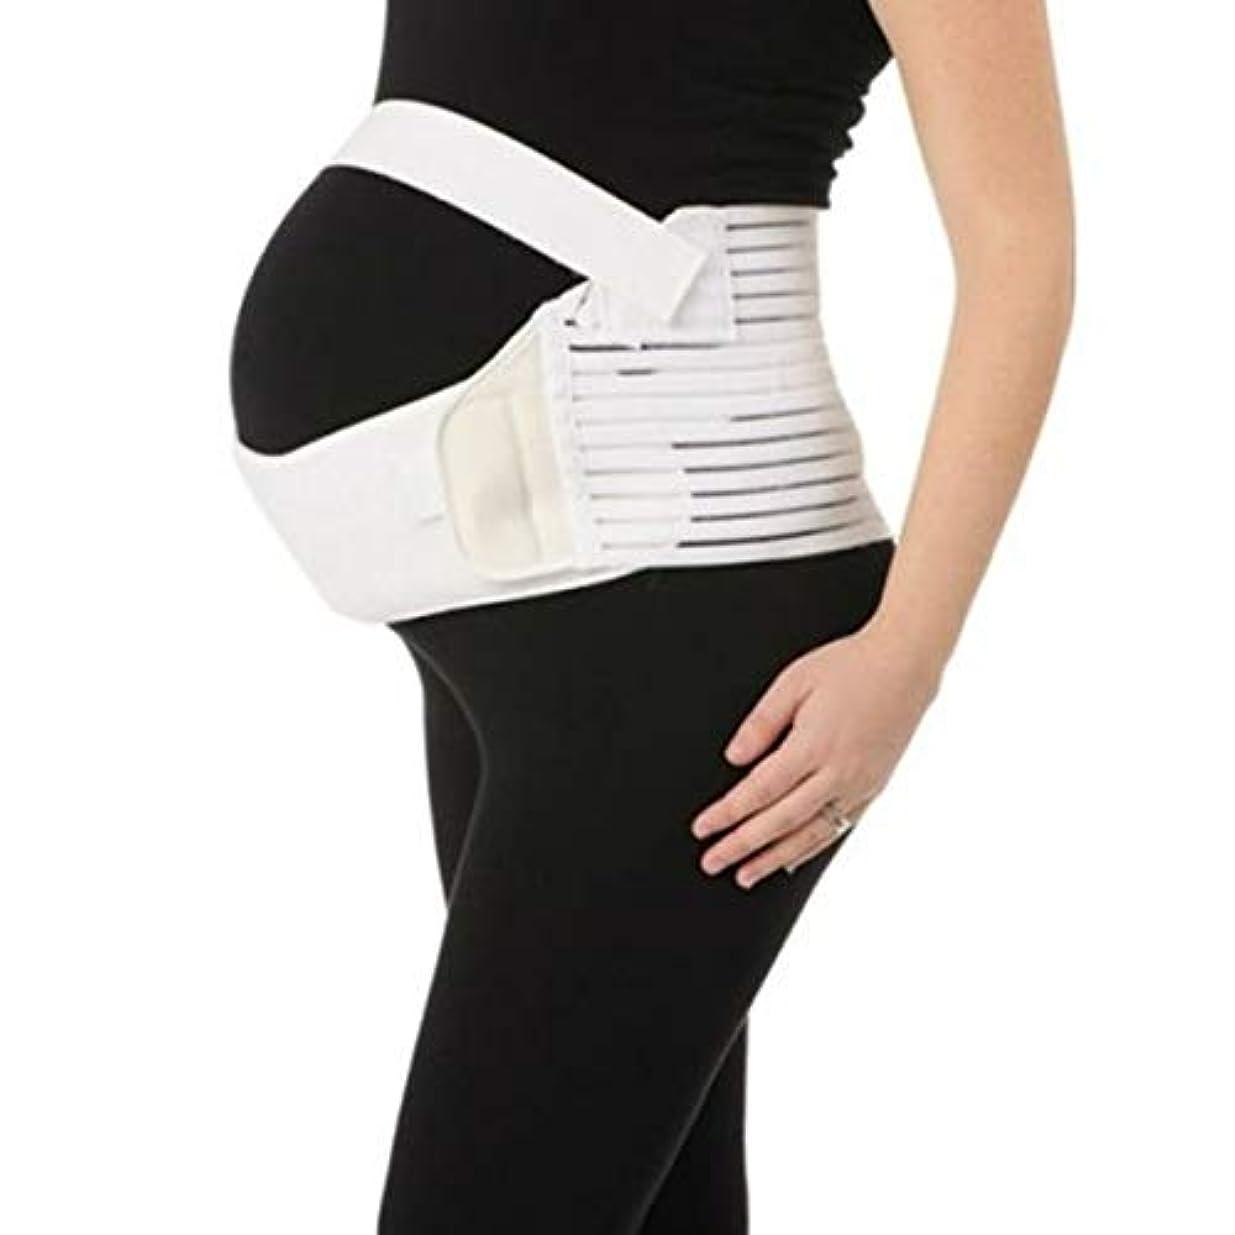 自分を引き上げる繁栄オプション通気性マタニティベルト妊娠腹部サポート腹部バインダーガードル運動包帯産後の回復shapewear - ホワイトL